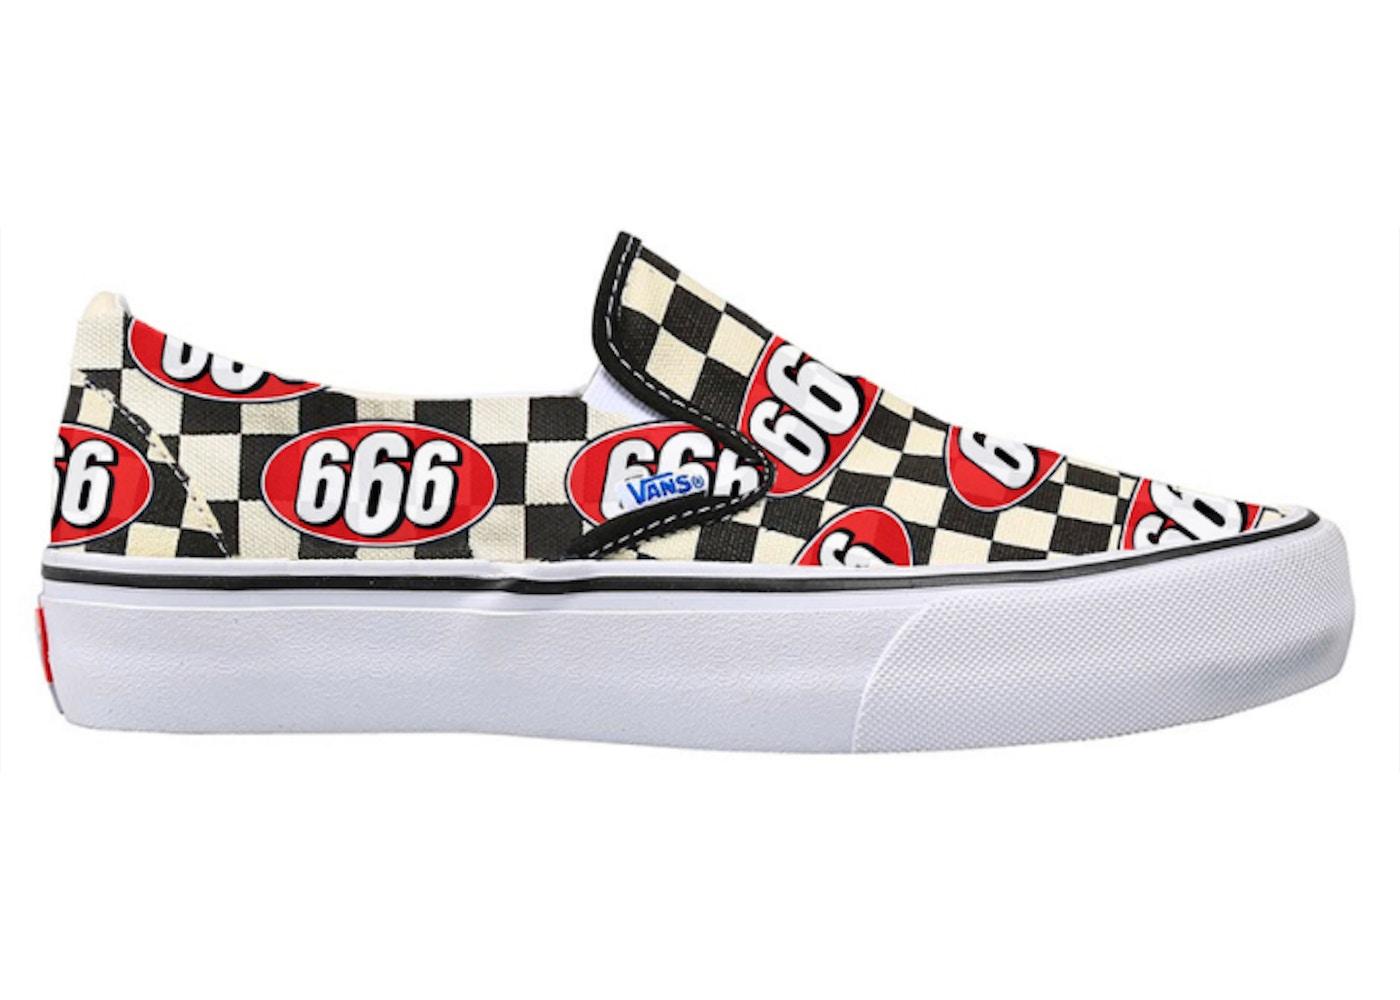 Vans Slip On Supreme 666 Checker